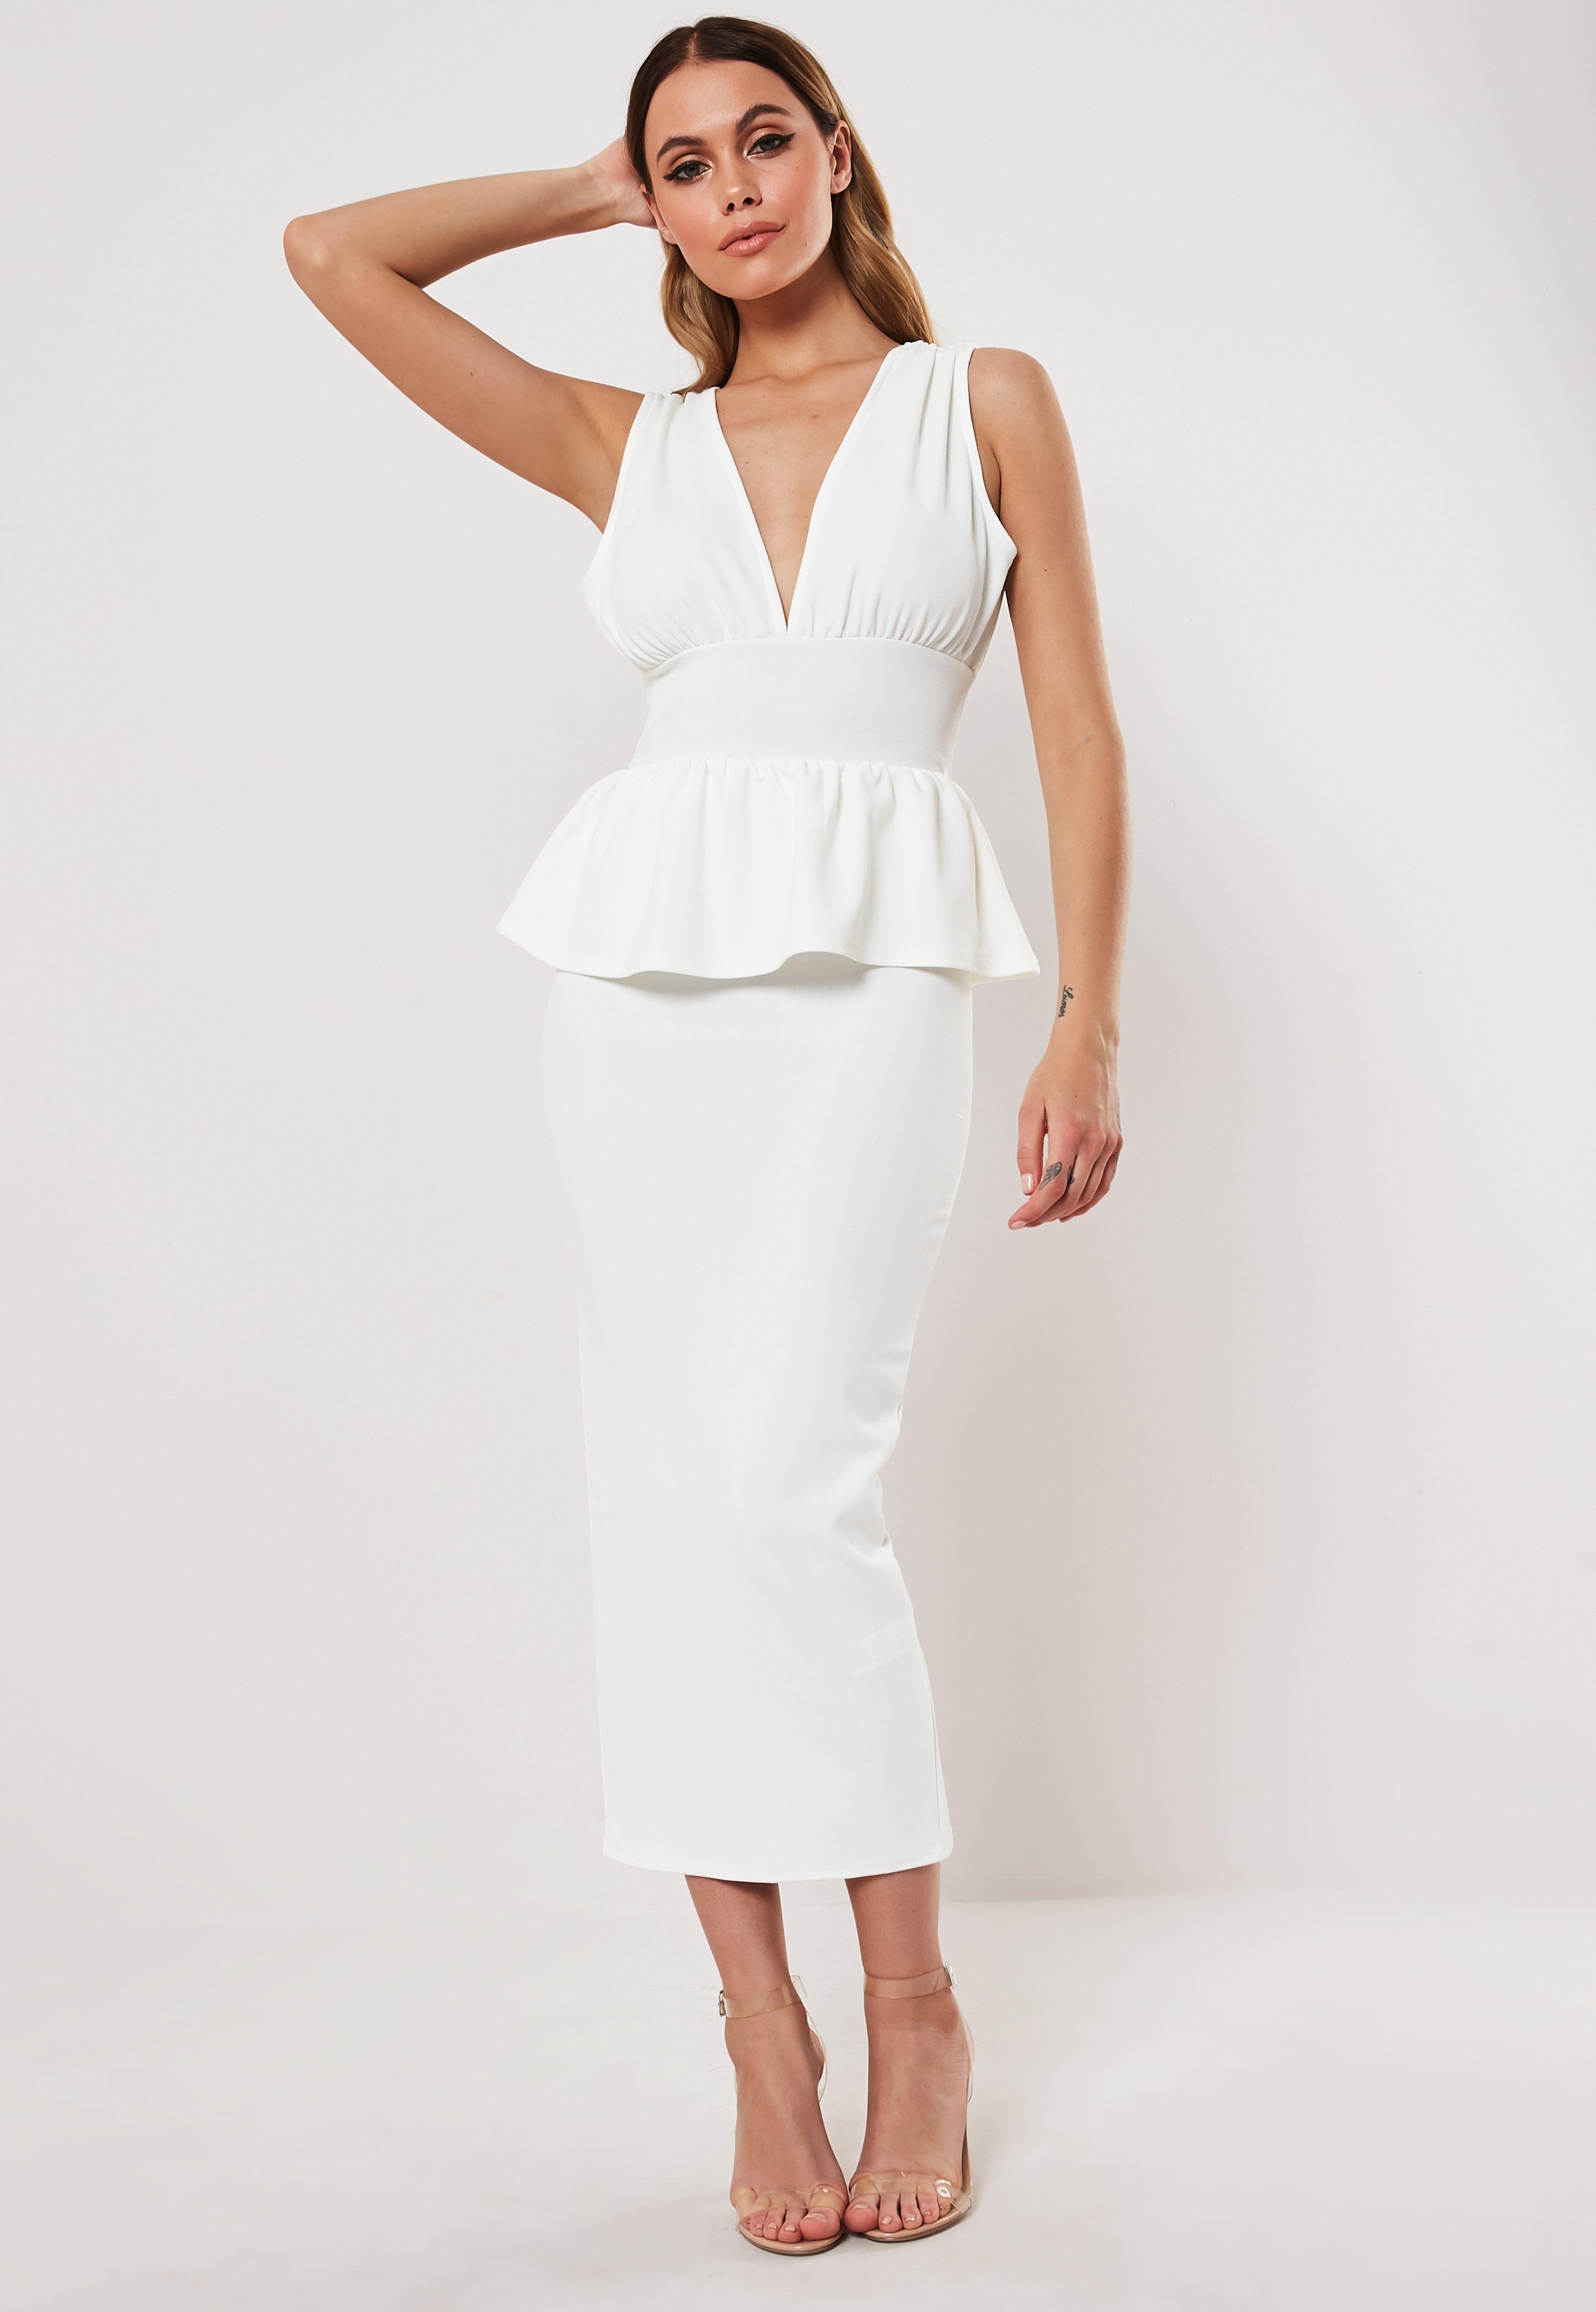 21f086836d Robe de cocktail | Robe élégante femme - Missguided